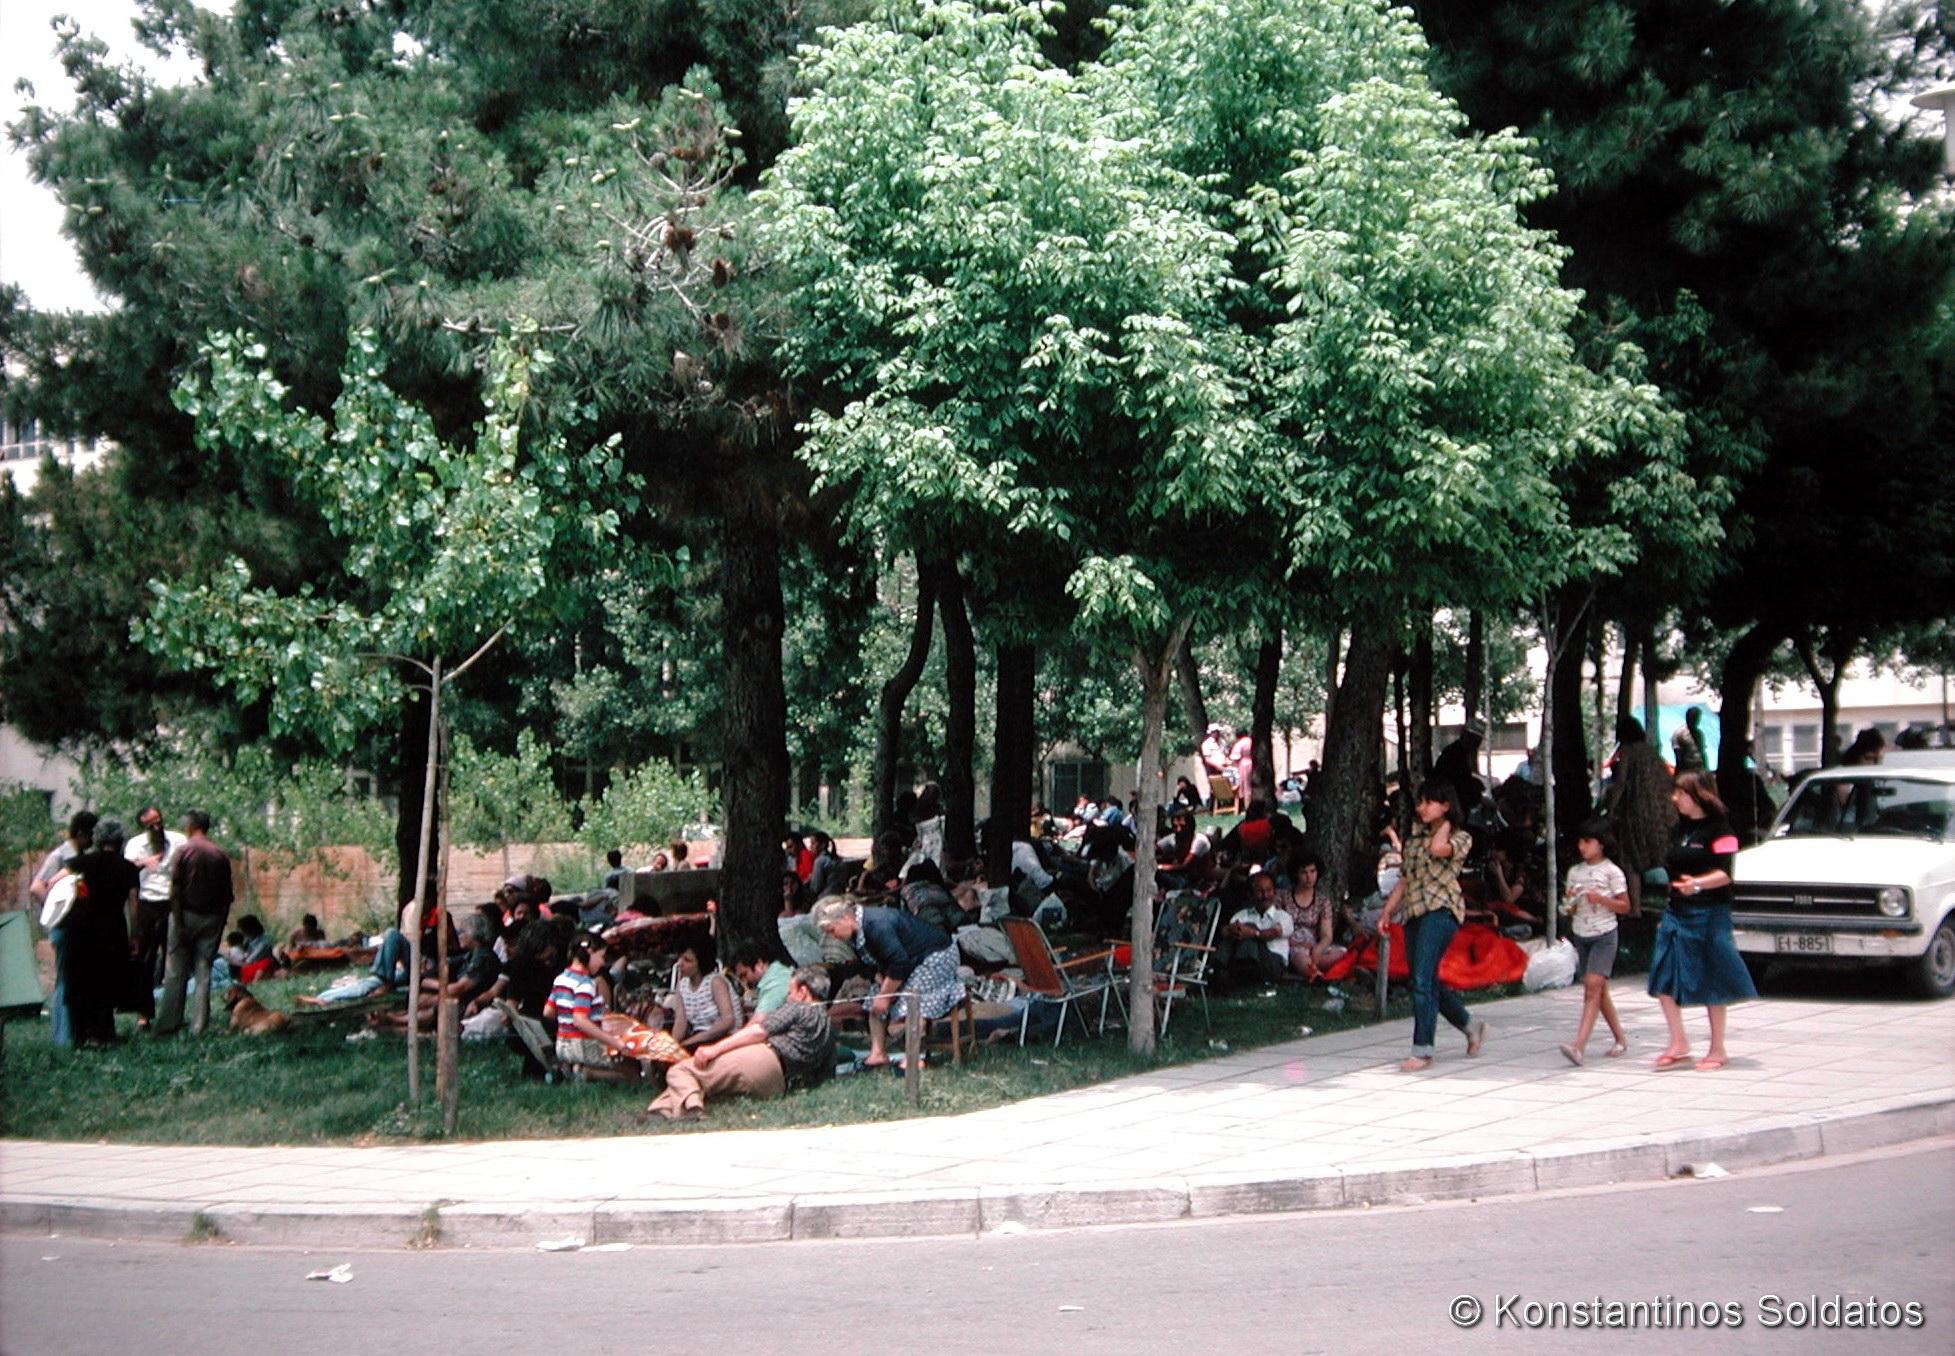 Σεισμόπληκτοι στον χώρο της Πανεπιστημιούπολης,1978. Φωτ: Κωνσταντίνος Σολδάτος